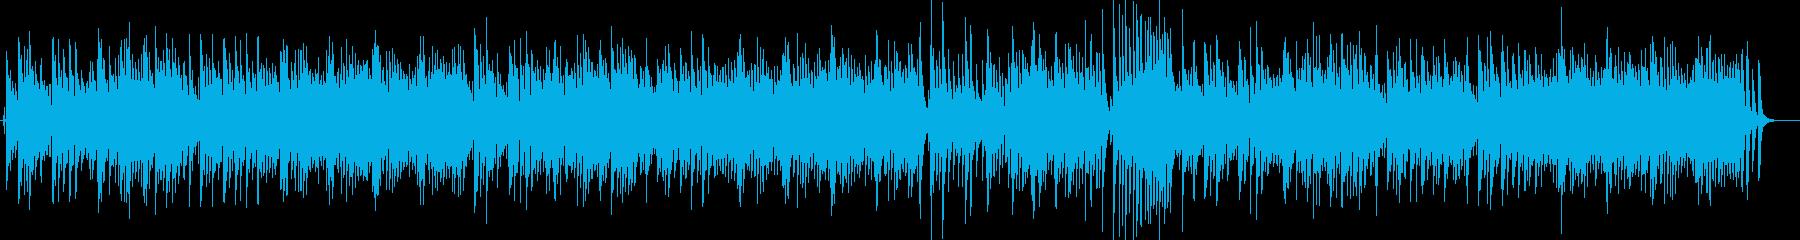 和風JAZZピアノトリオ お正月 冬の再生済みの波形